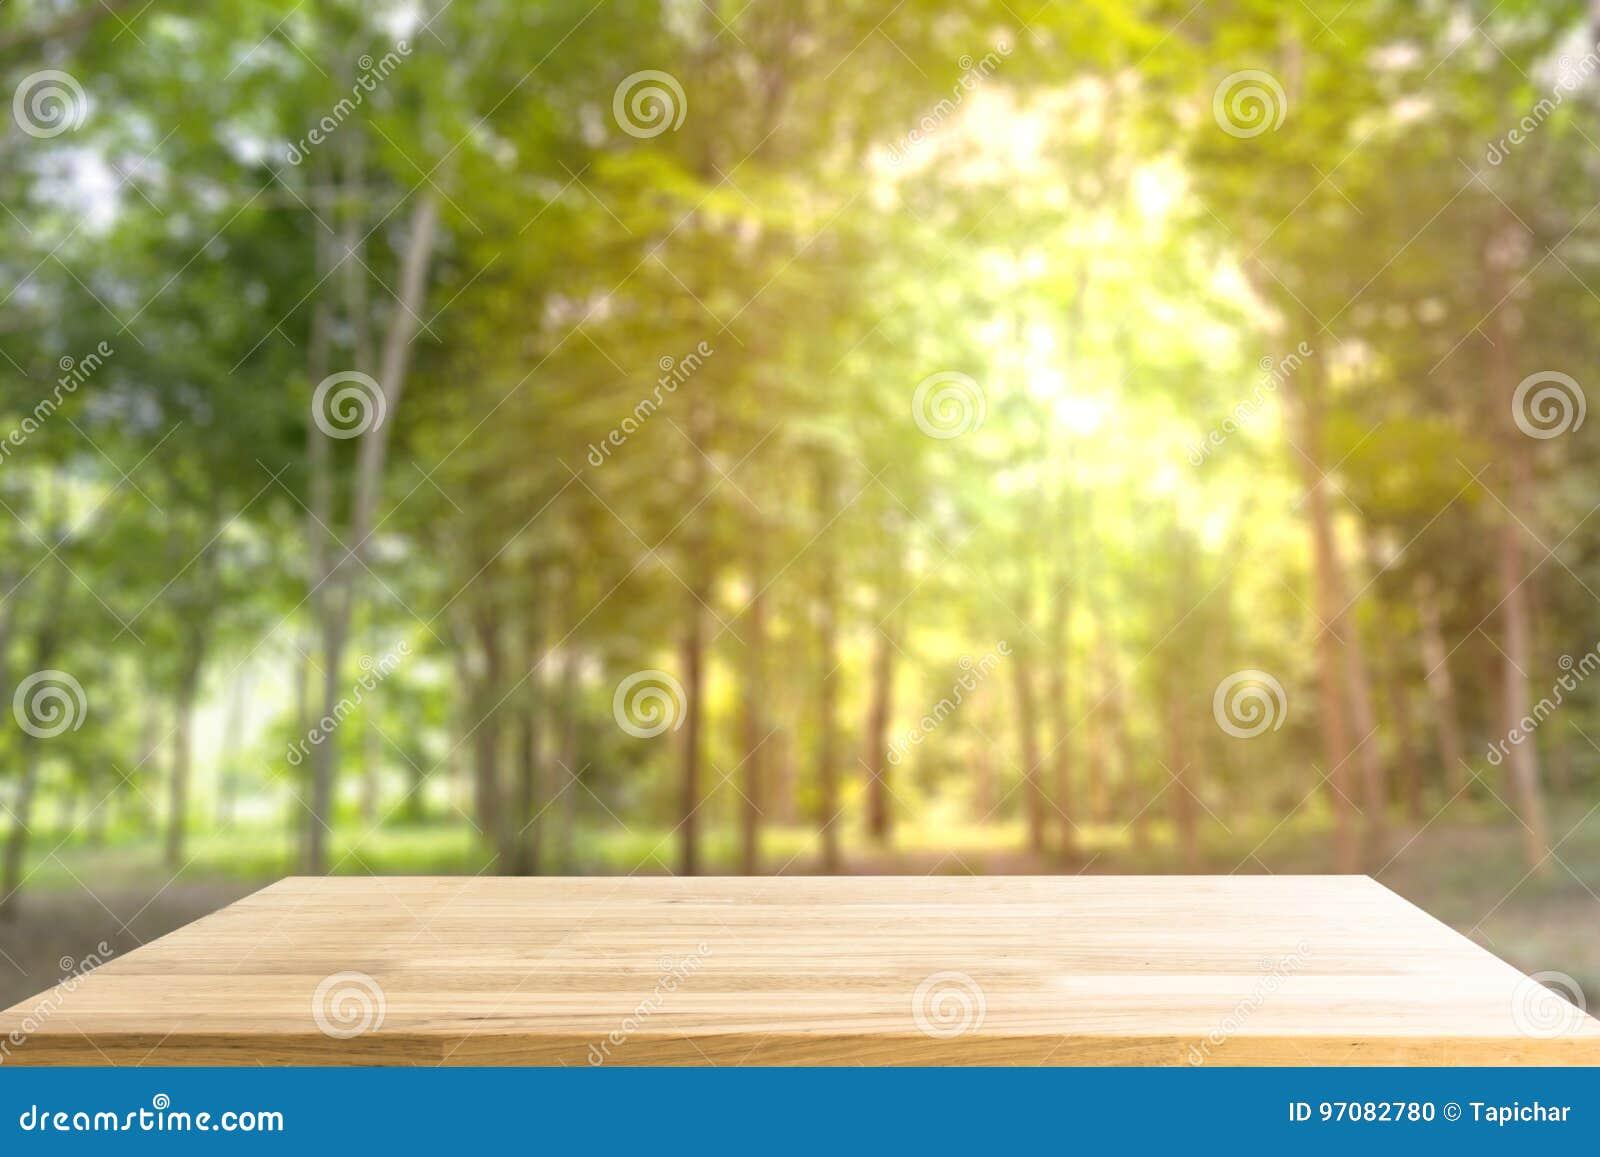 Pusty Drewniany stół dla pokazu produktu i rozmyty las w plecy